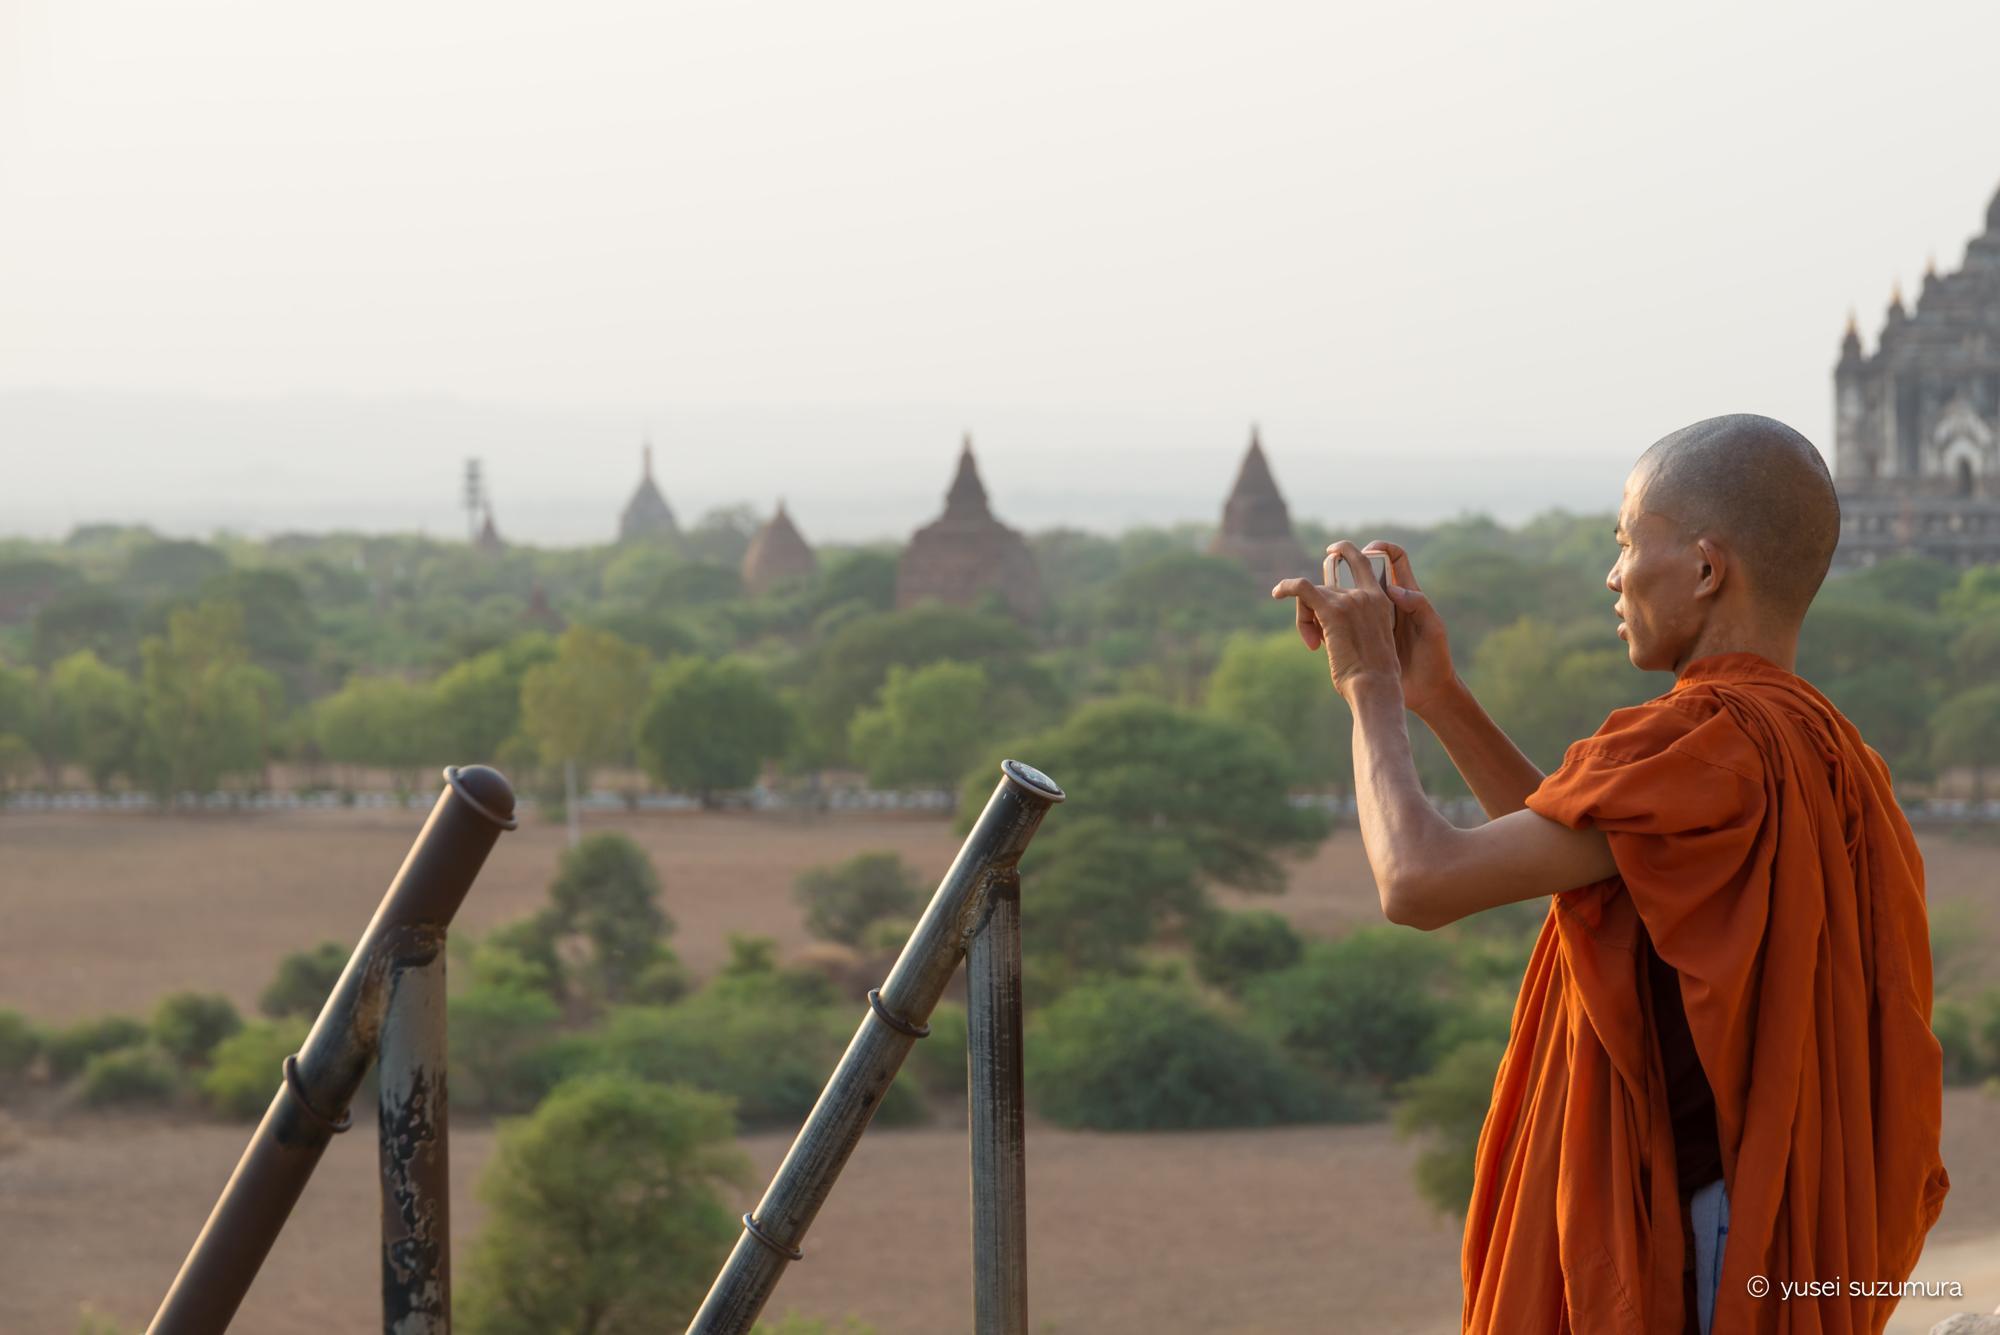 バガン 僧侶 スマホ